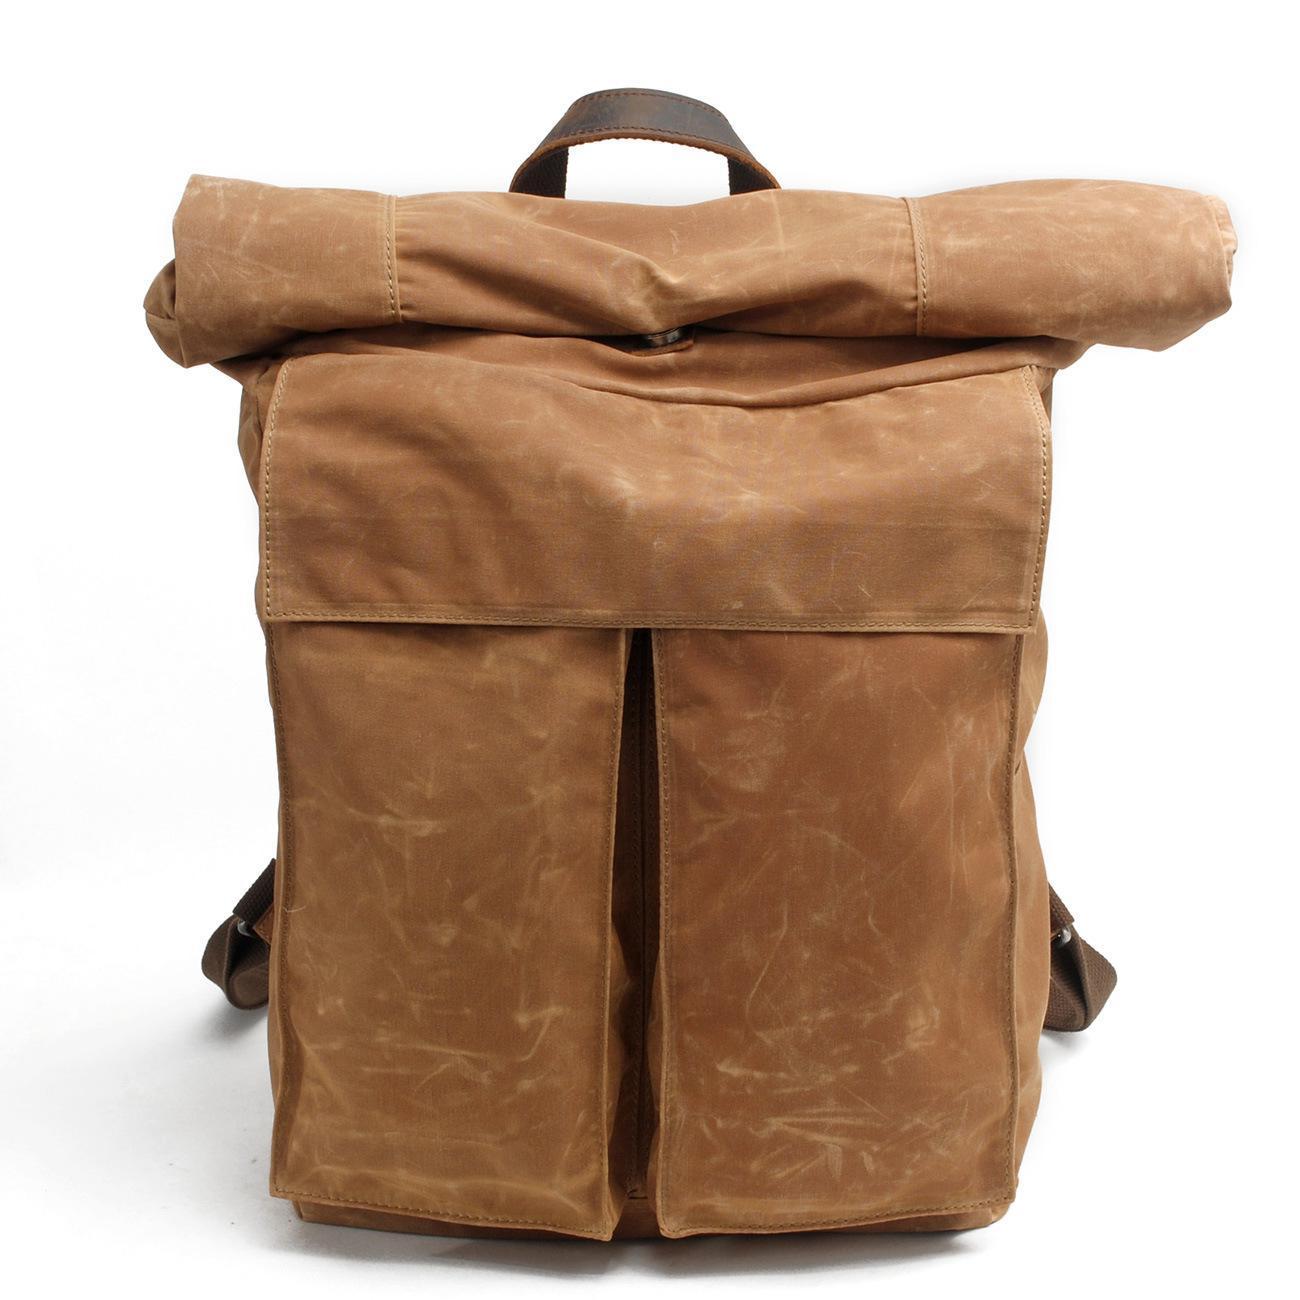 New Vintage Large Crazy Horse Leather + Canvas Backpack for Men Teenagers School Back Pack Women Laptop Bagpack Travel Bags 2016 tcttt korean ladies back pack vintage men women casual shoulder bag laptop knapsacks school bags for teenagers tactical backpack